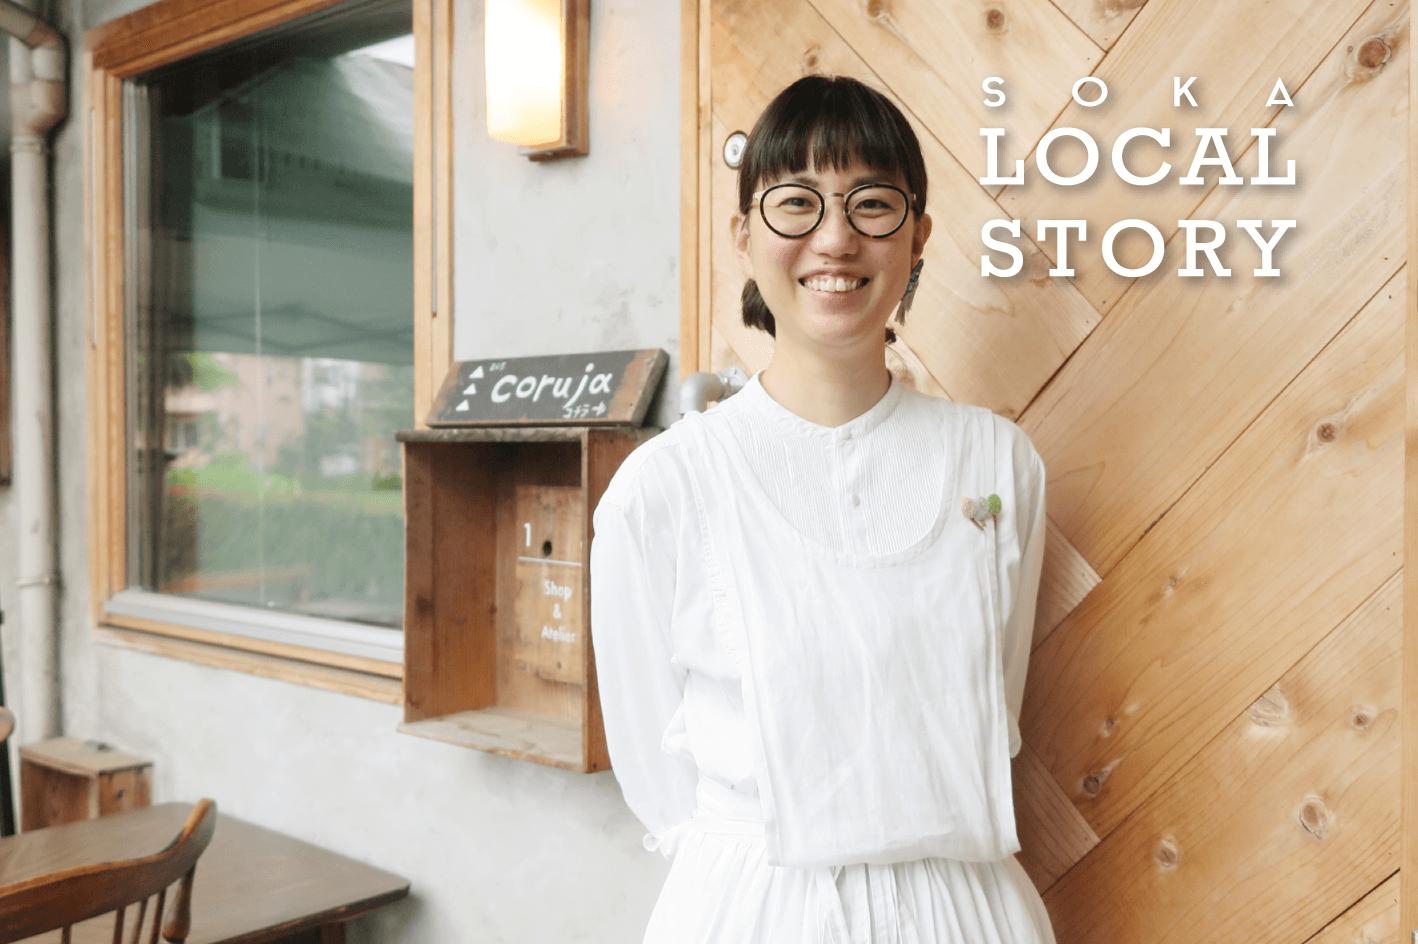 ローカルWEBメディア・地域サイト 草加ローカルストーリー 松村 美乃里さん トップ写真